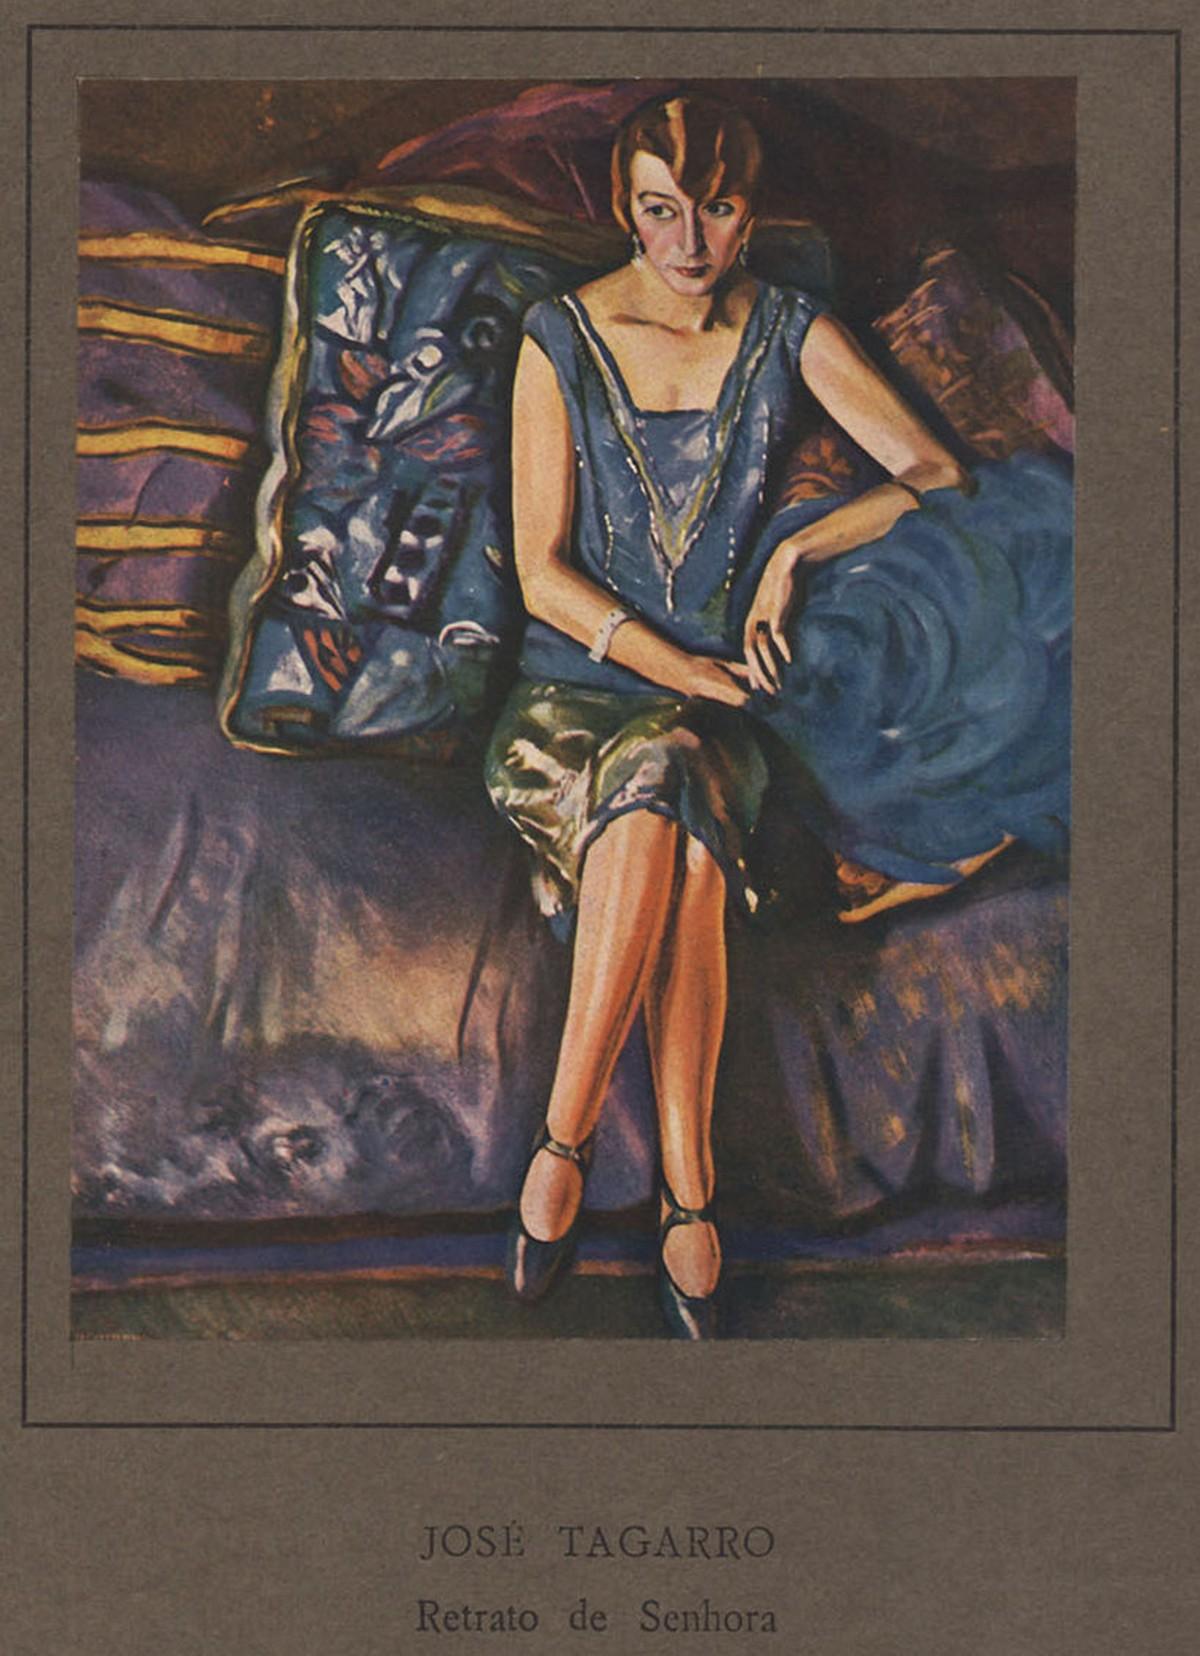 Pintor José Tagarro,1928